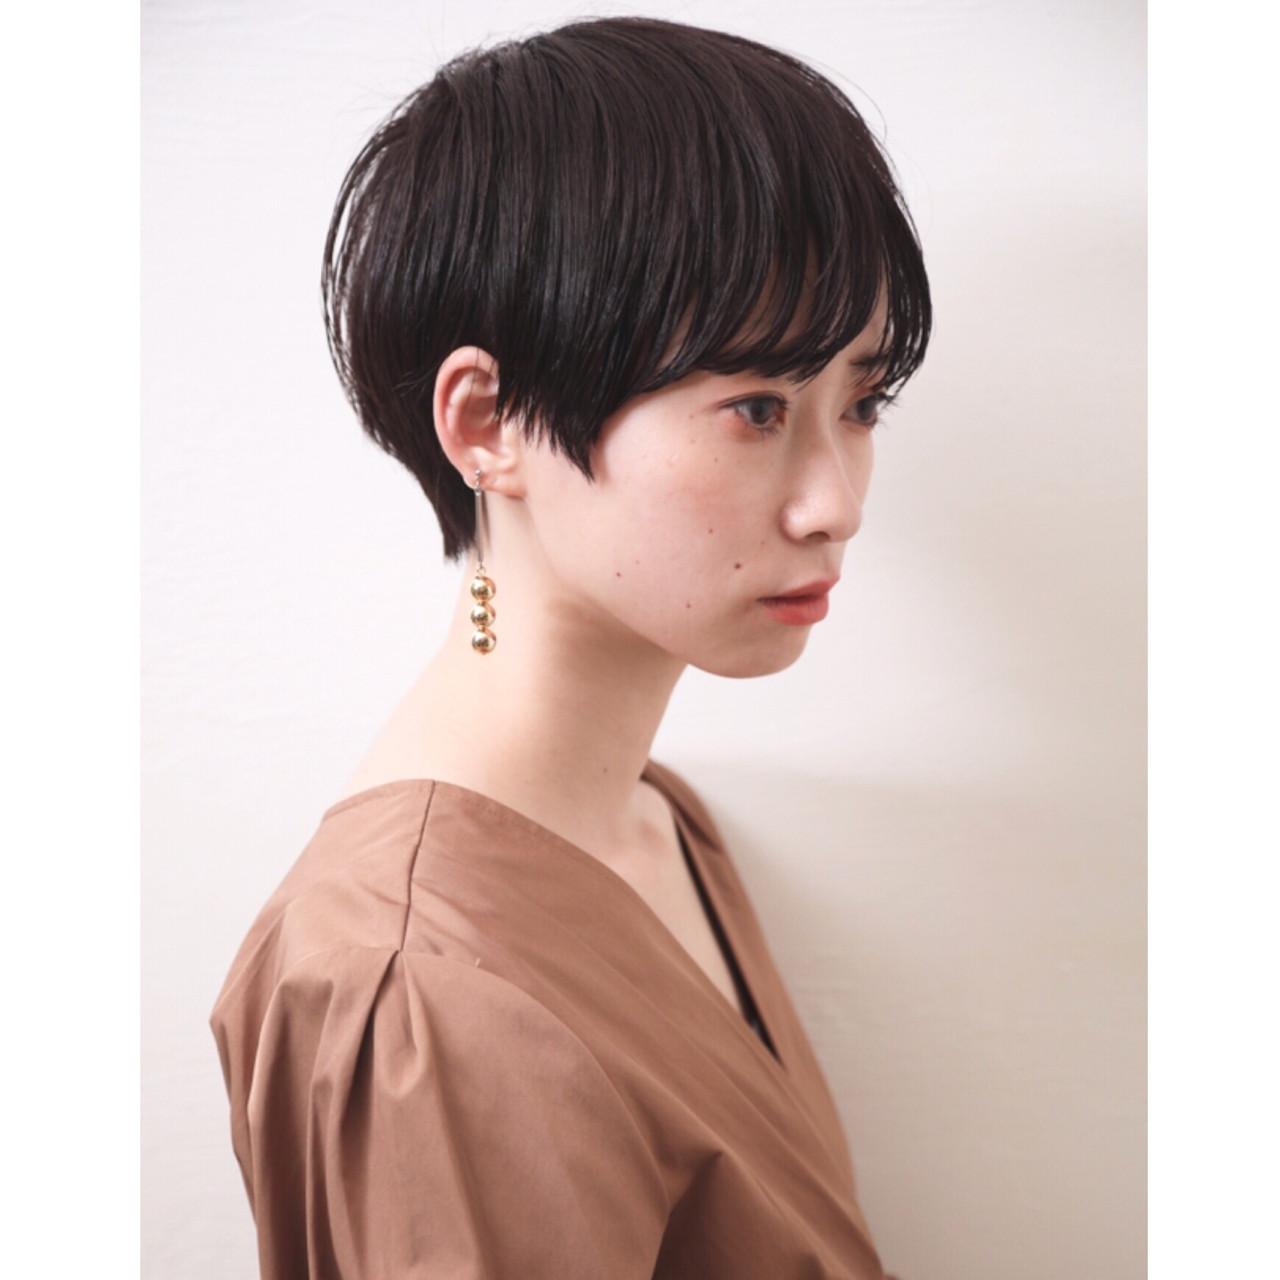 モード ショートボブ オフィス デートヘアスタイルや髪型の写真・画像